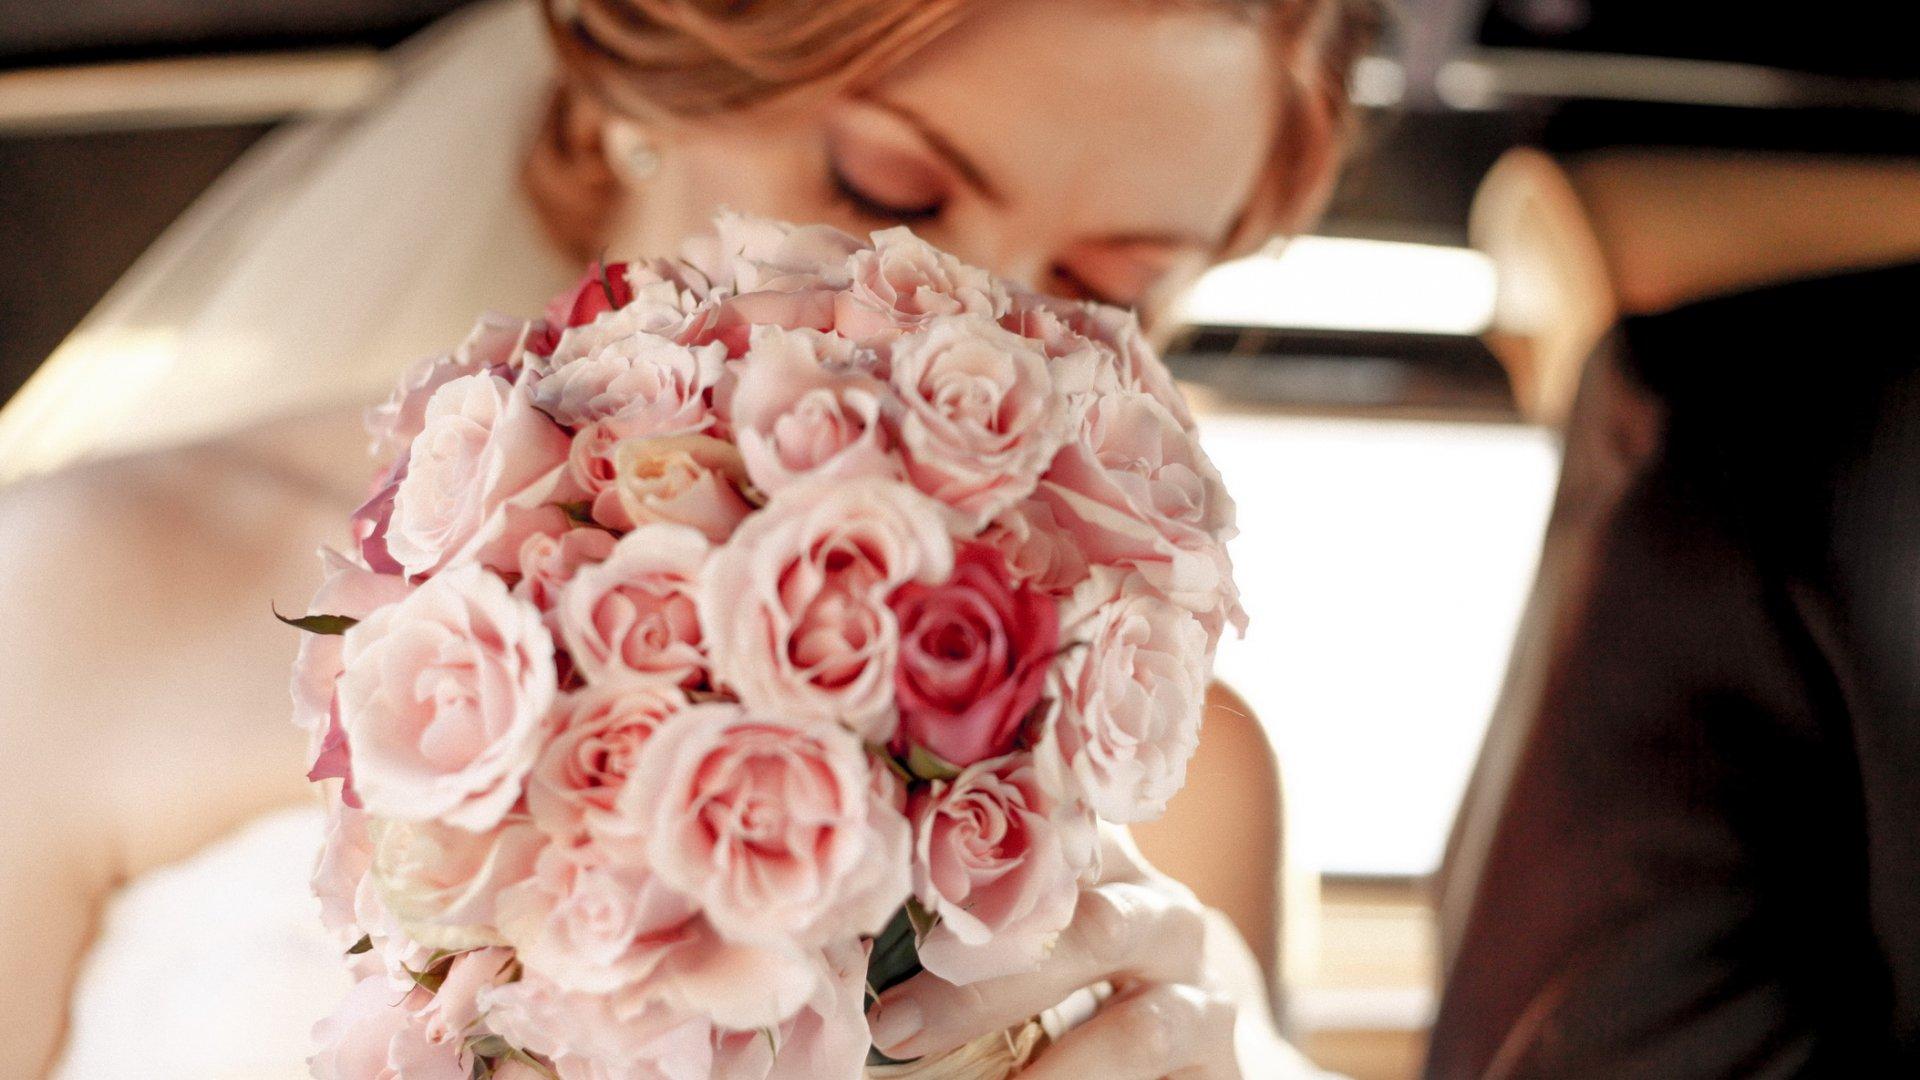 Claves para elegir el ramo de novia